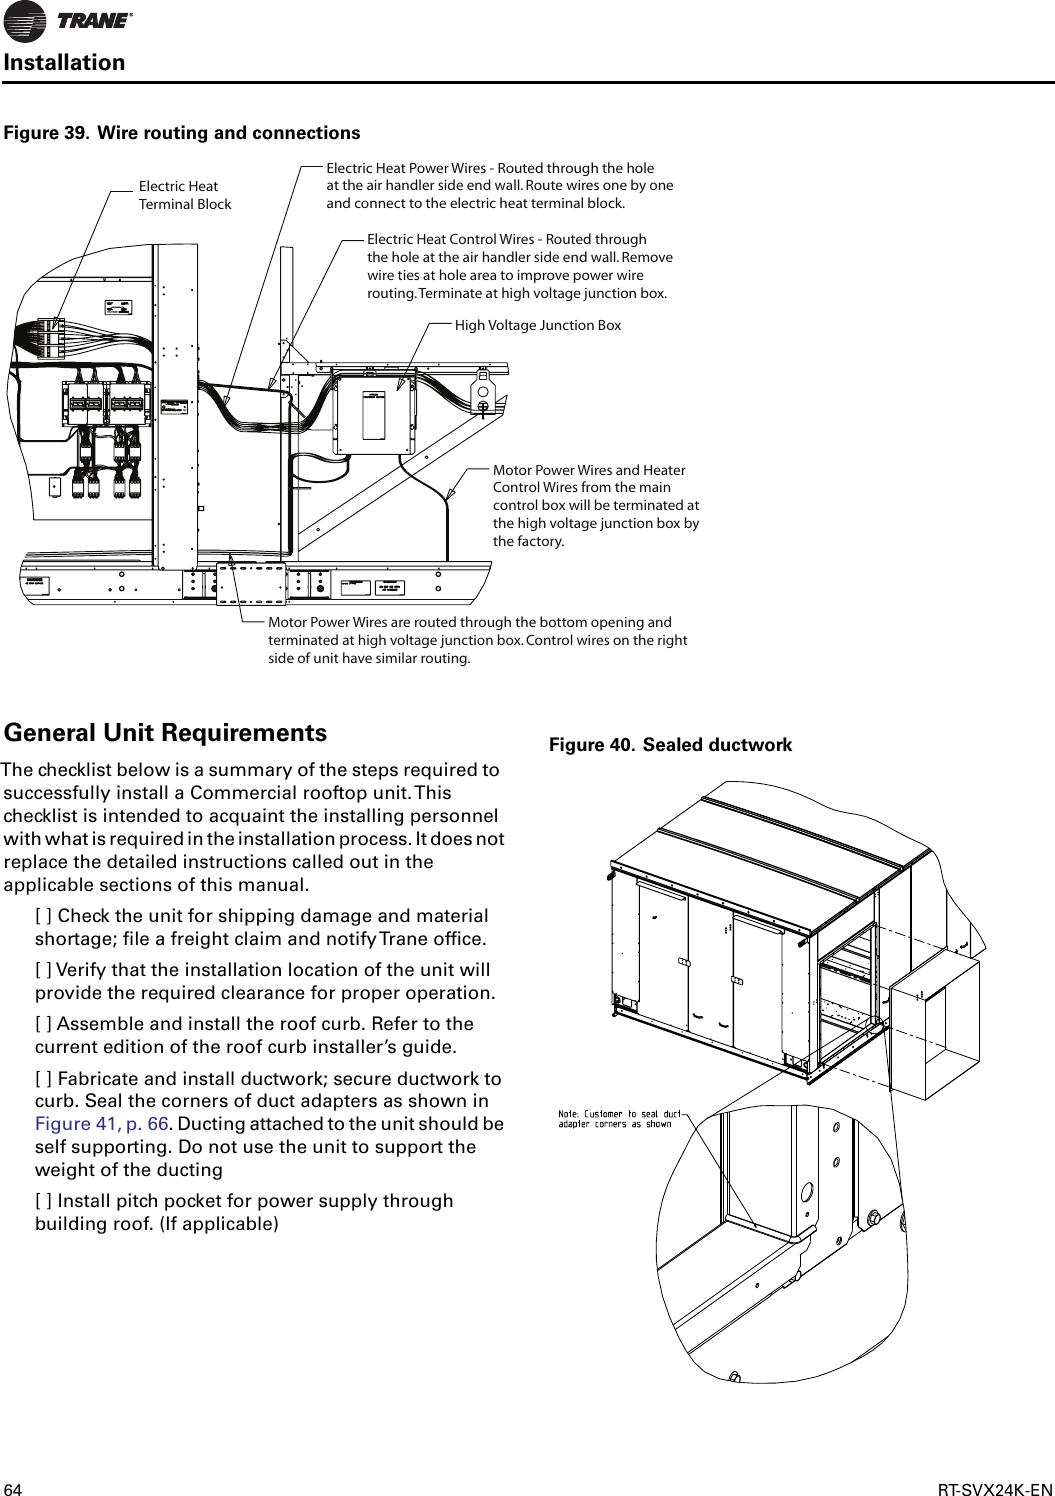 Trane xv wiring diagram ford fusion fuse box